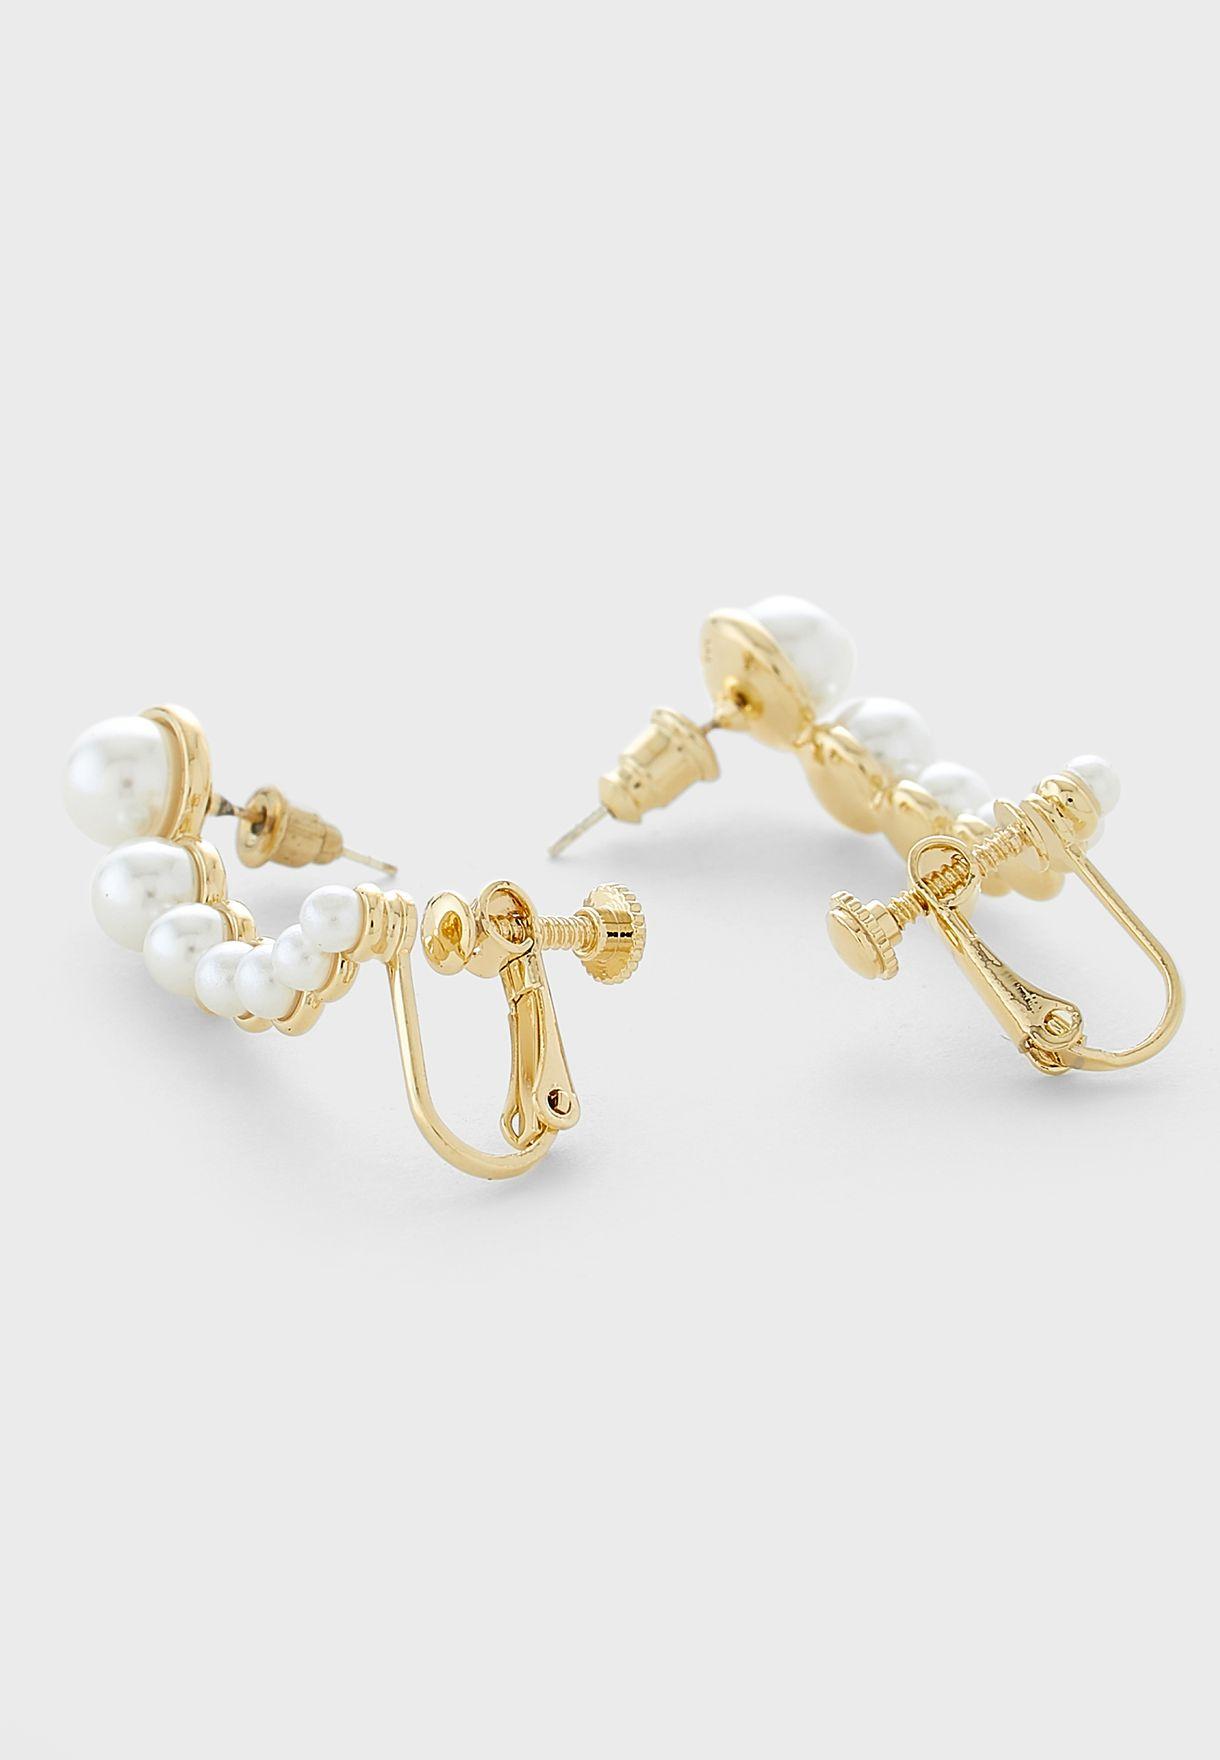 Pearl Ear Cuff Earrings